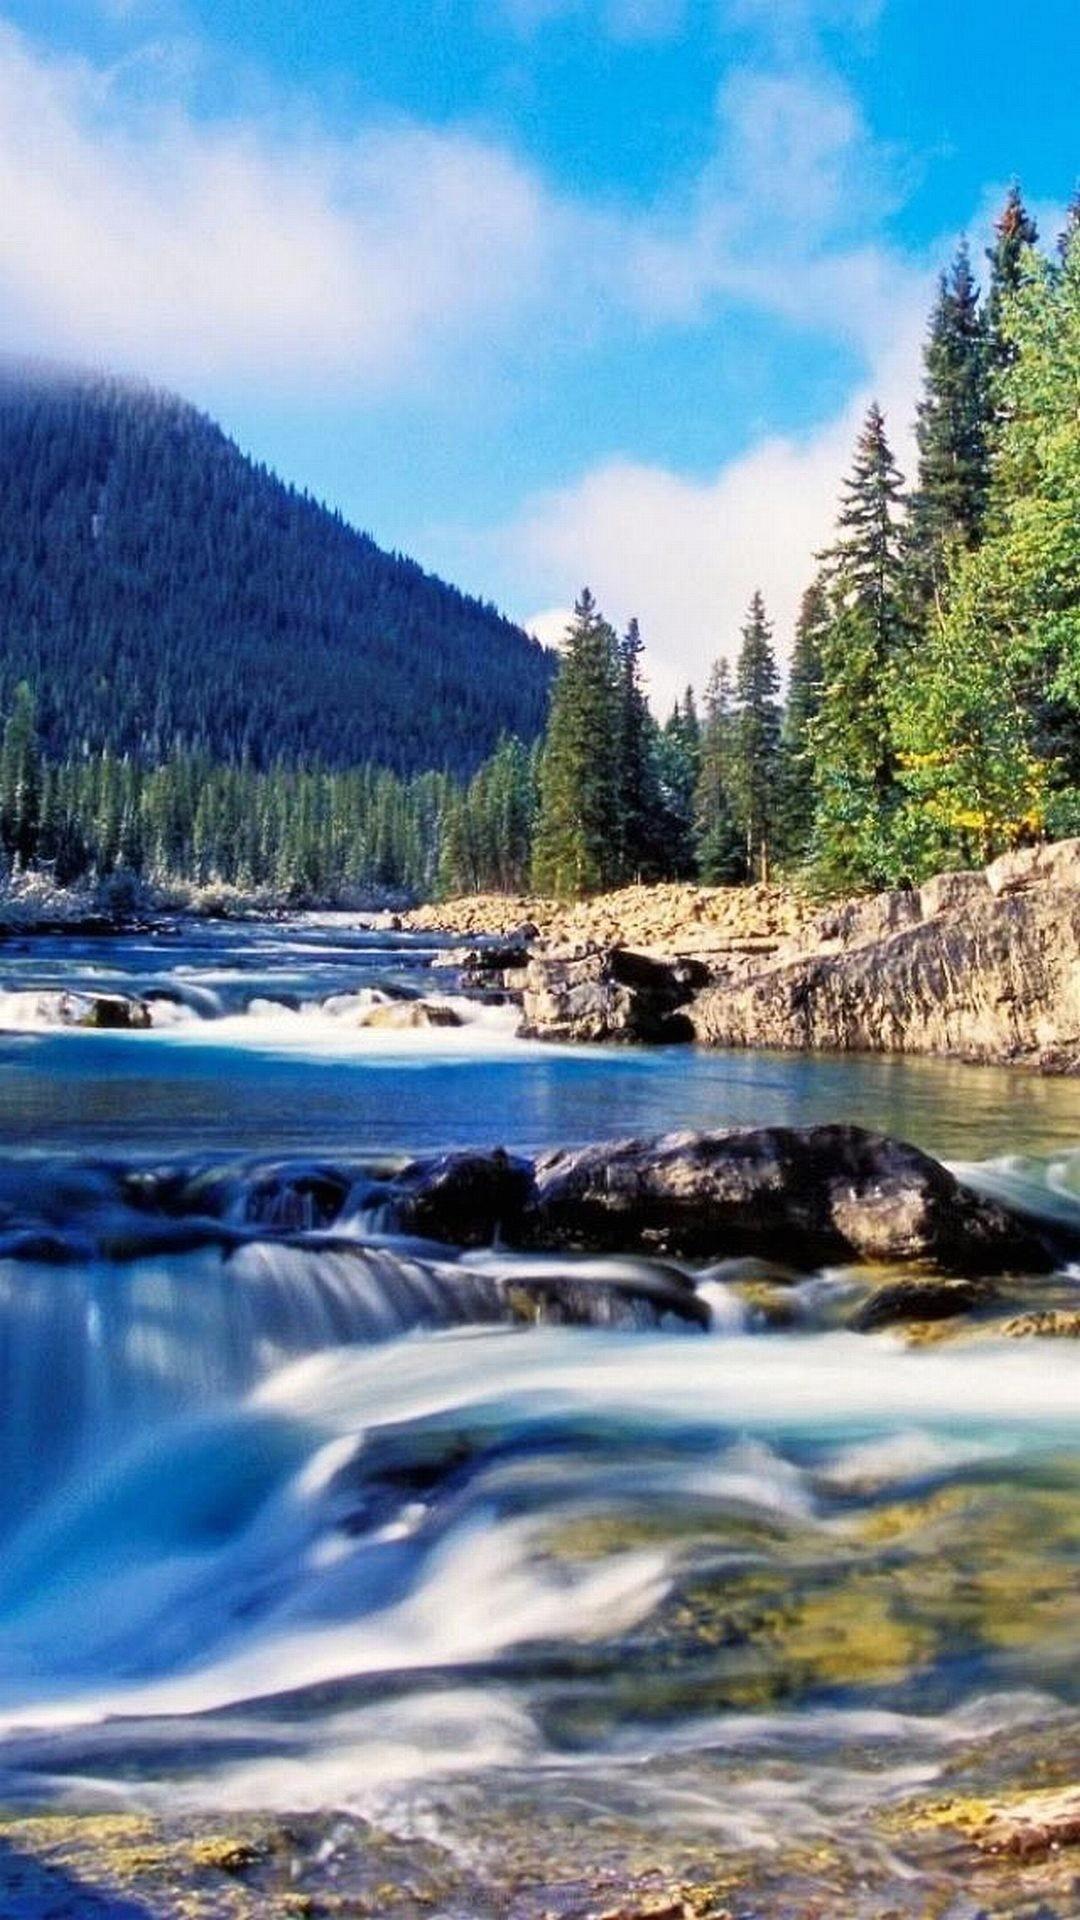 Sfondi montagna 52 immagini for Sfondi invernali hd